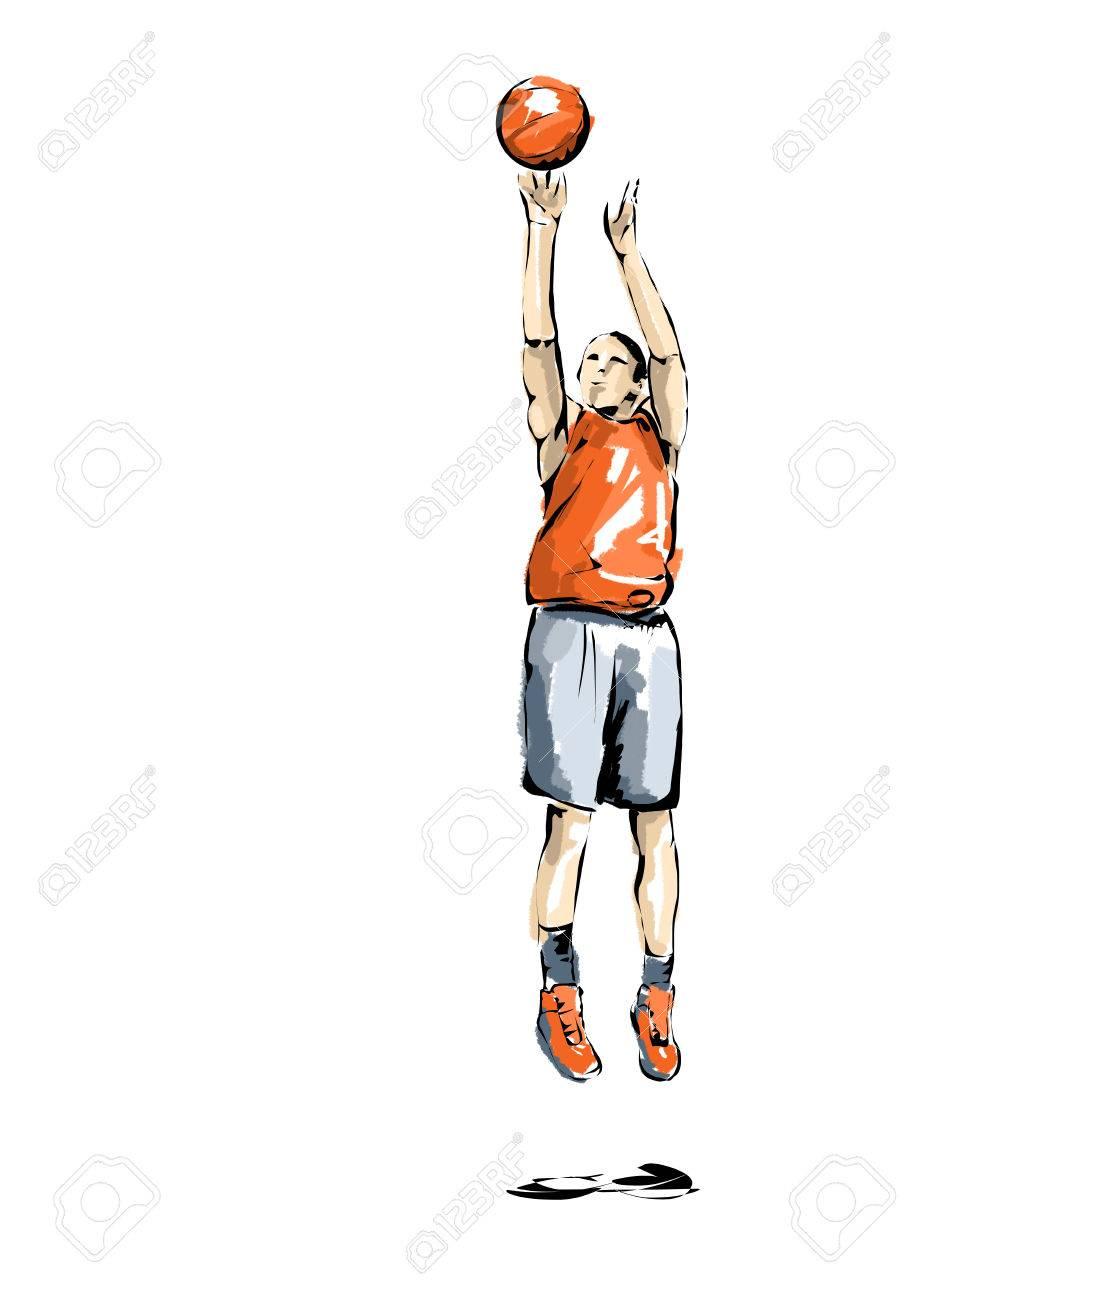 バスケット ボール イラスト バスケの練習の男 の写真素材 画像素材 Image